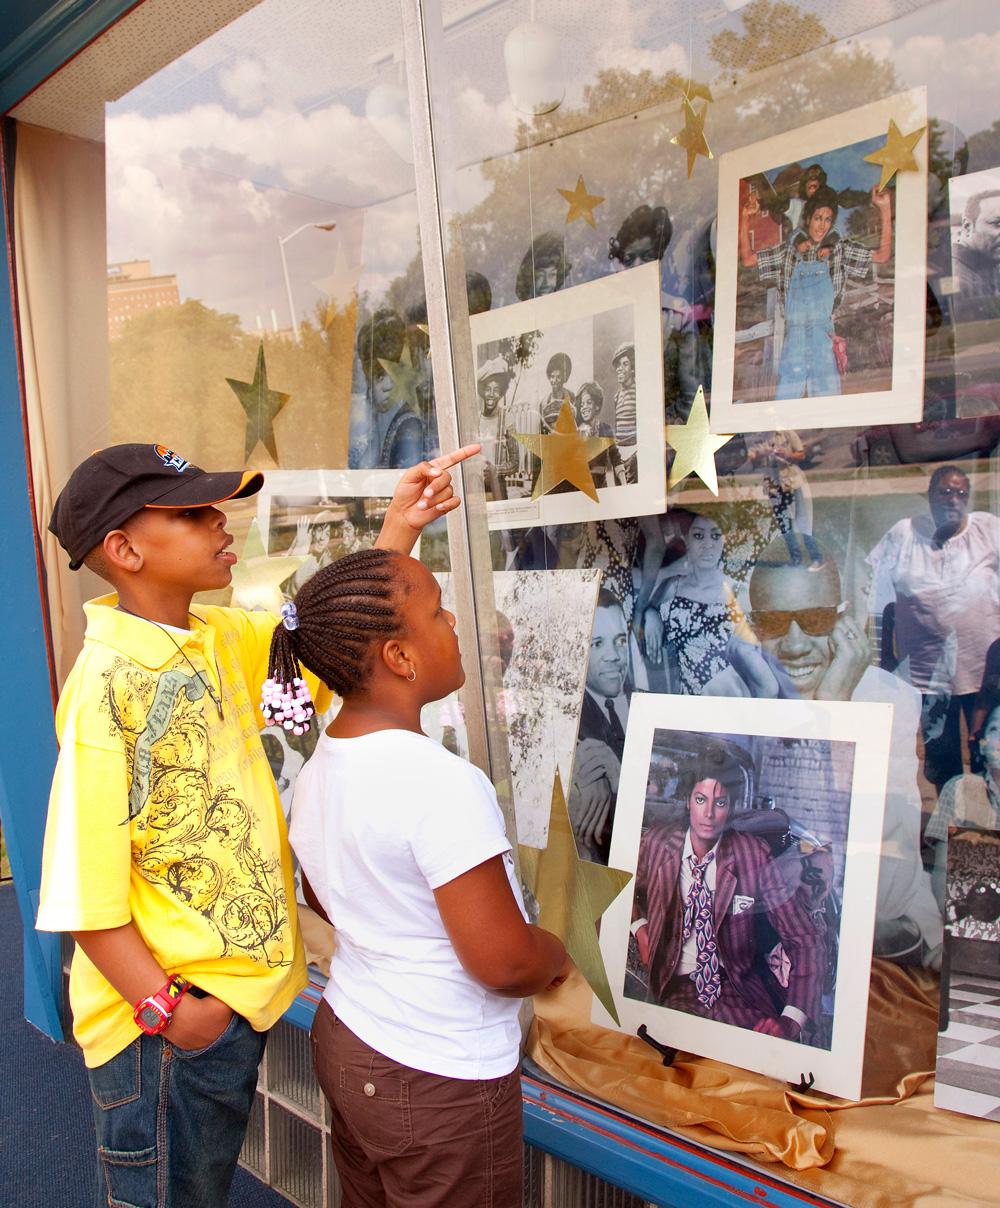 Detroit: Motown Museum